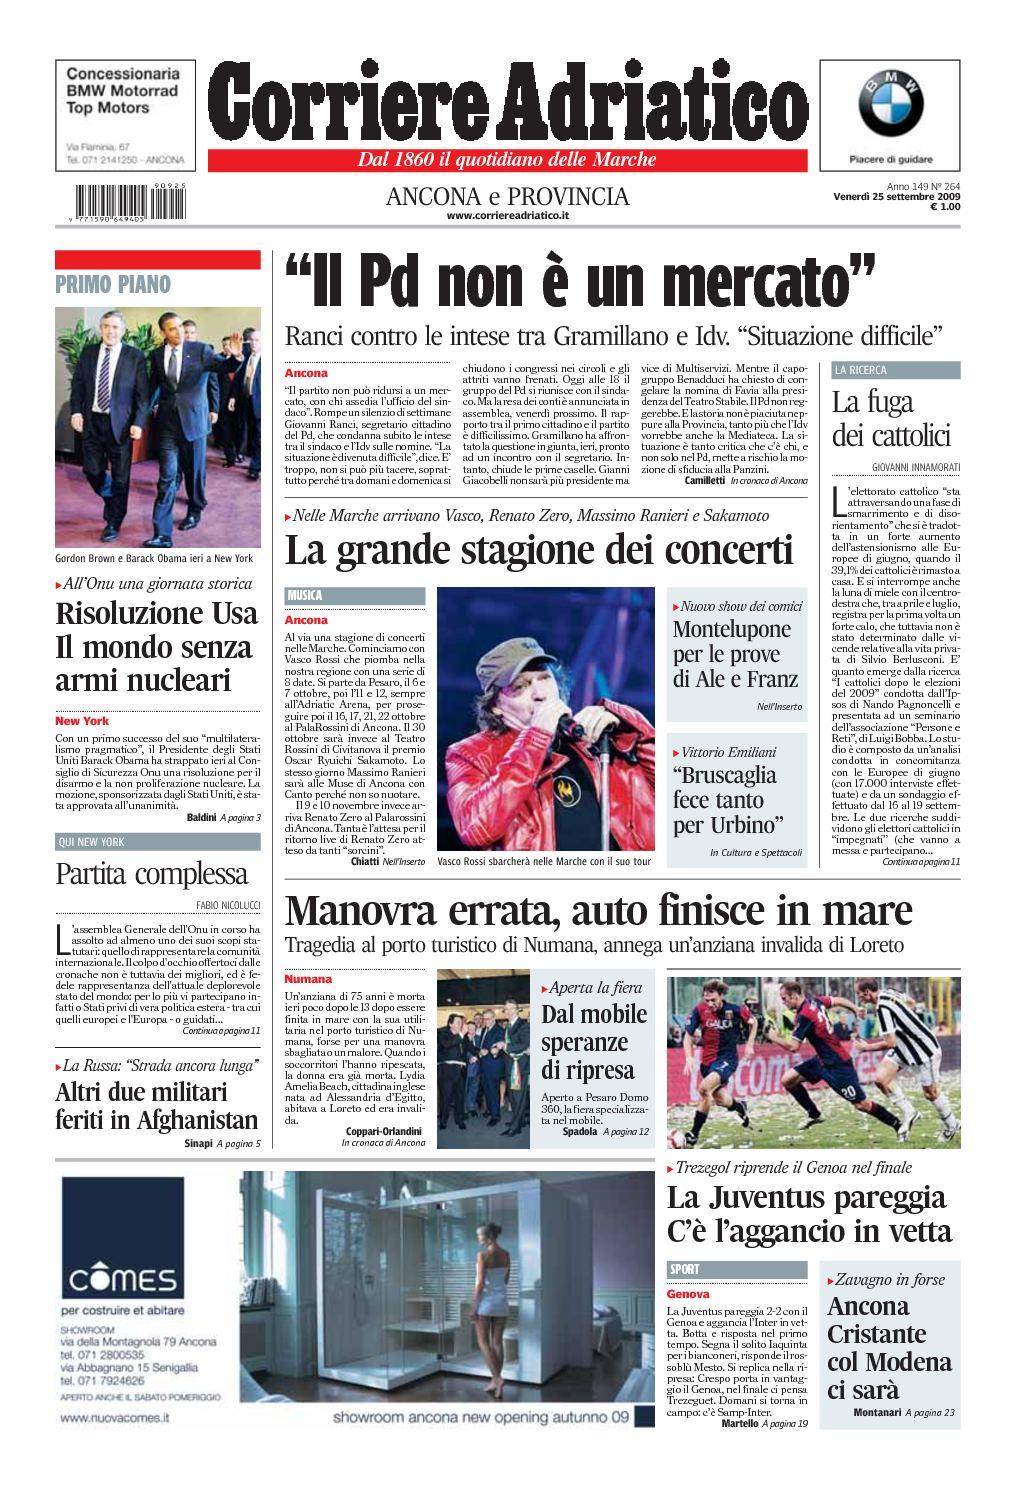 Calaméo - Corriere Adriantico del 25 09 2009 cef197cd964